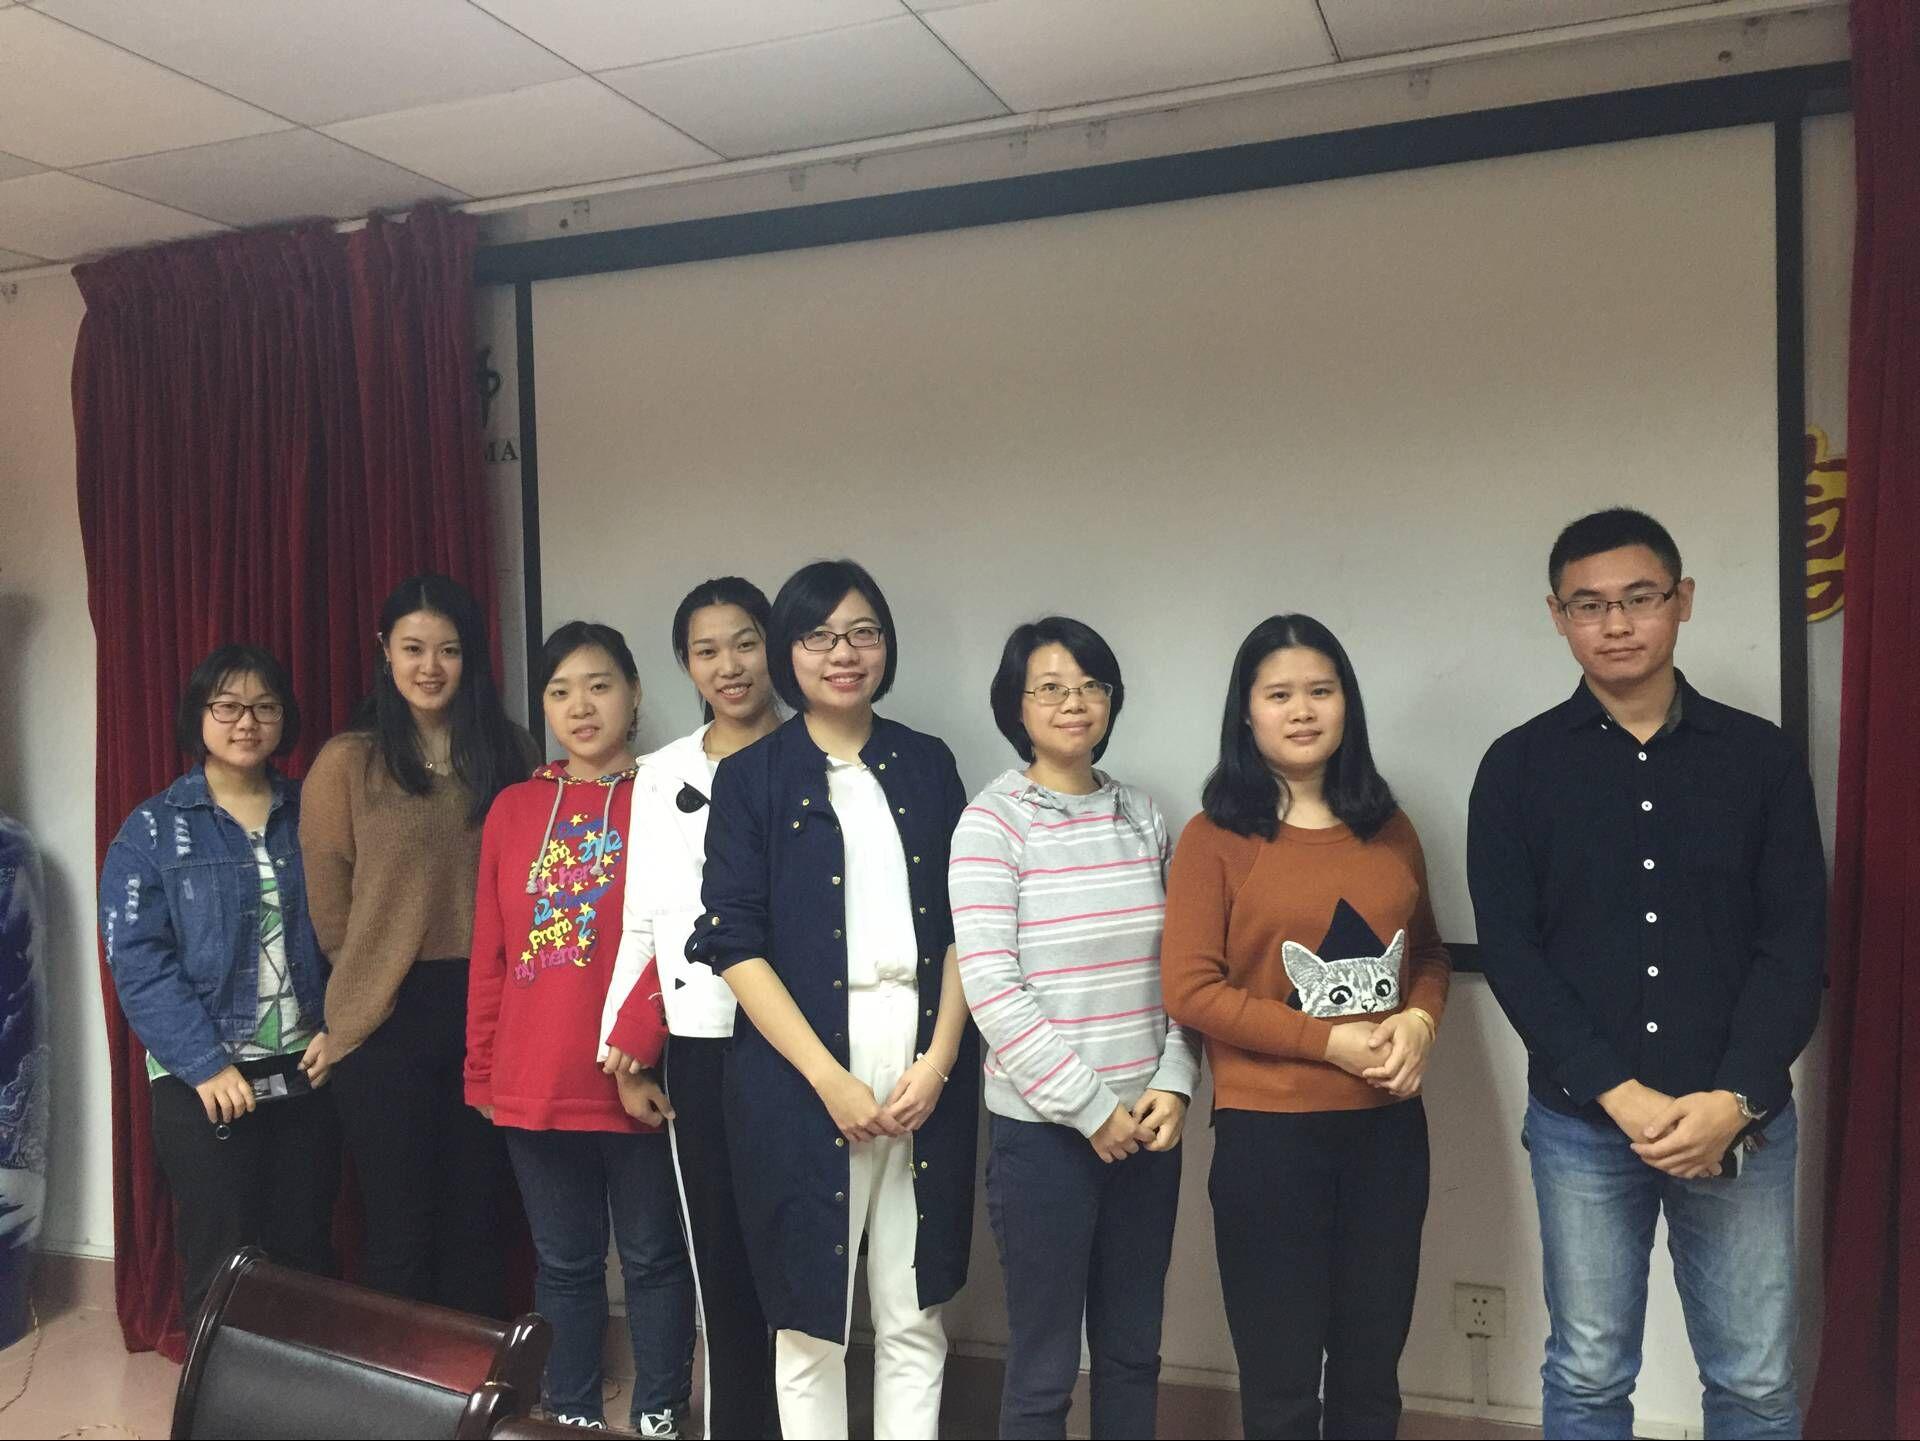 北京师范大学马克思主义学院团委来访